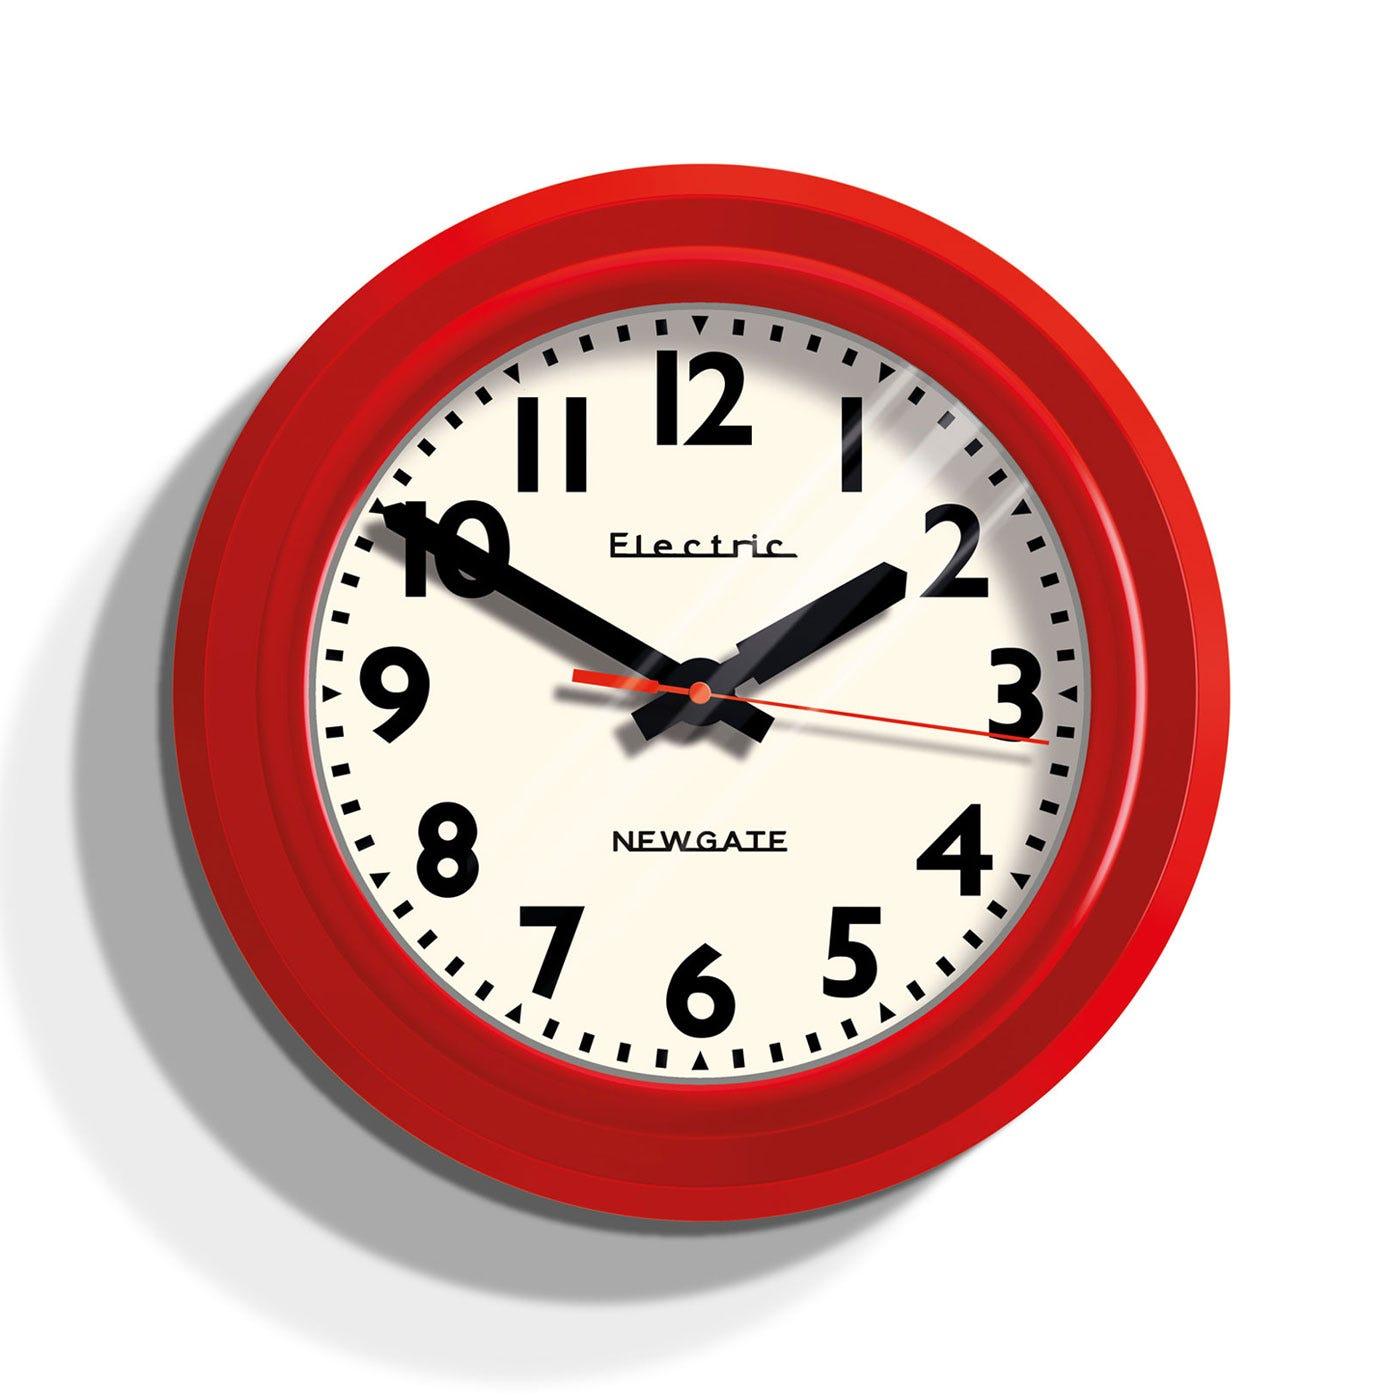 Newgate Telectric Clock